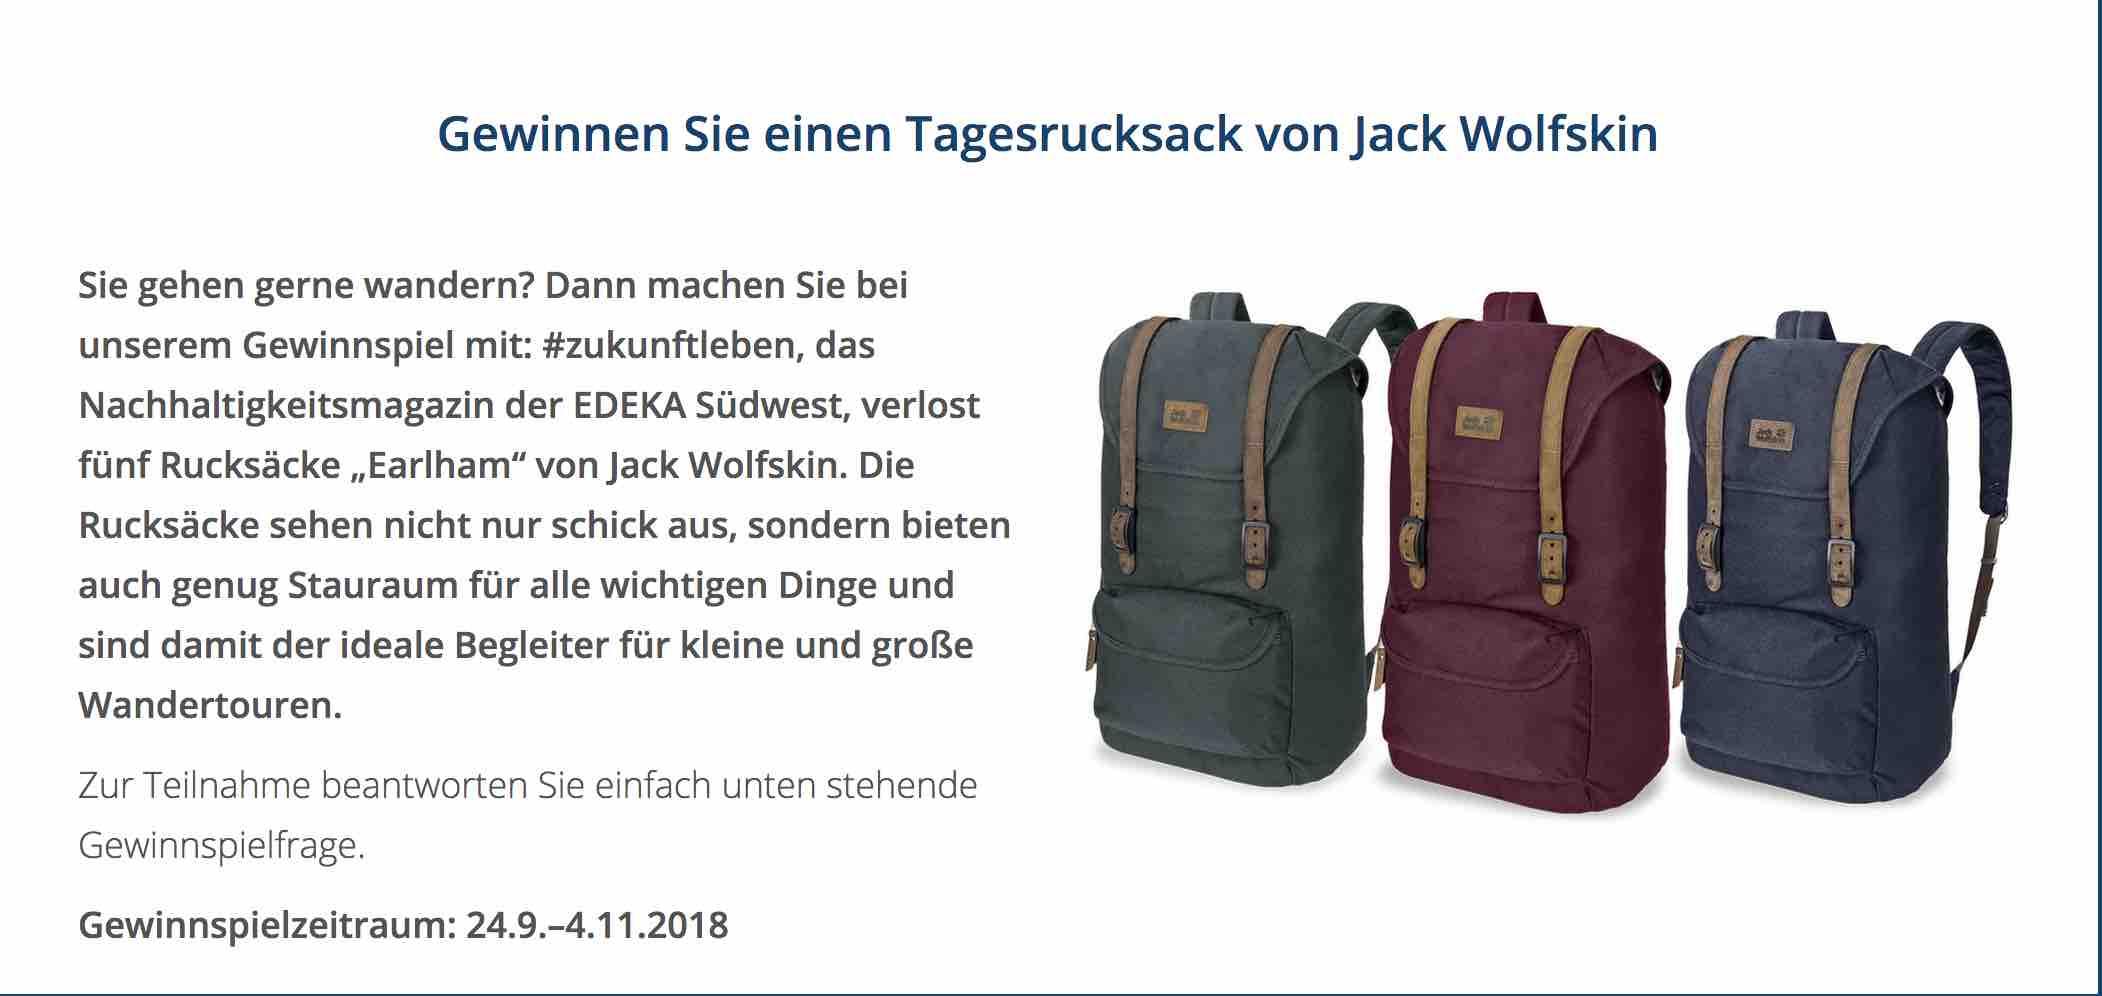 Einkaufen feine handwerkskunst Großhandelspreis Edeka Gewinnspiel - Trekking Rucksack gewinnen!